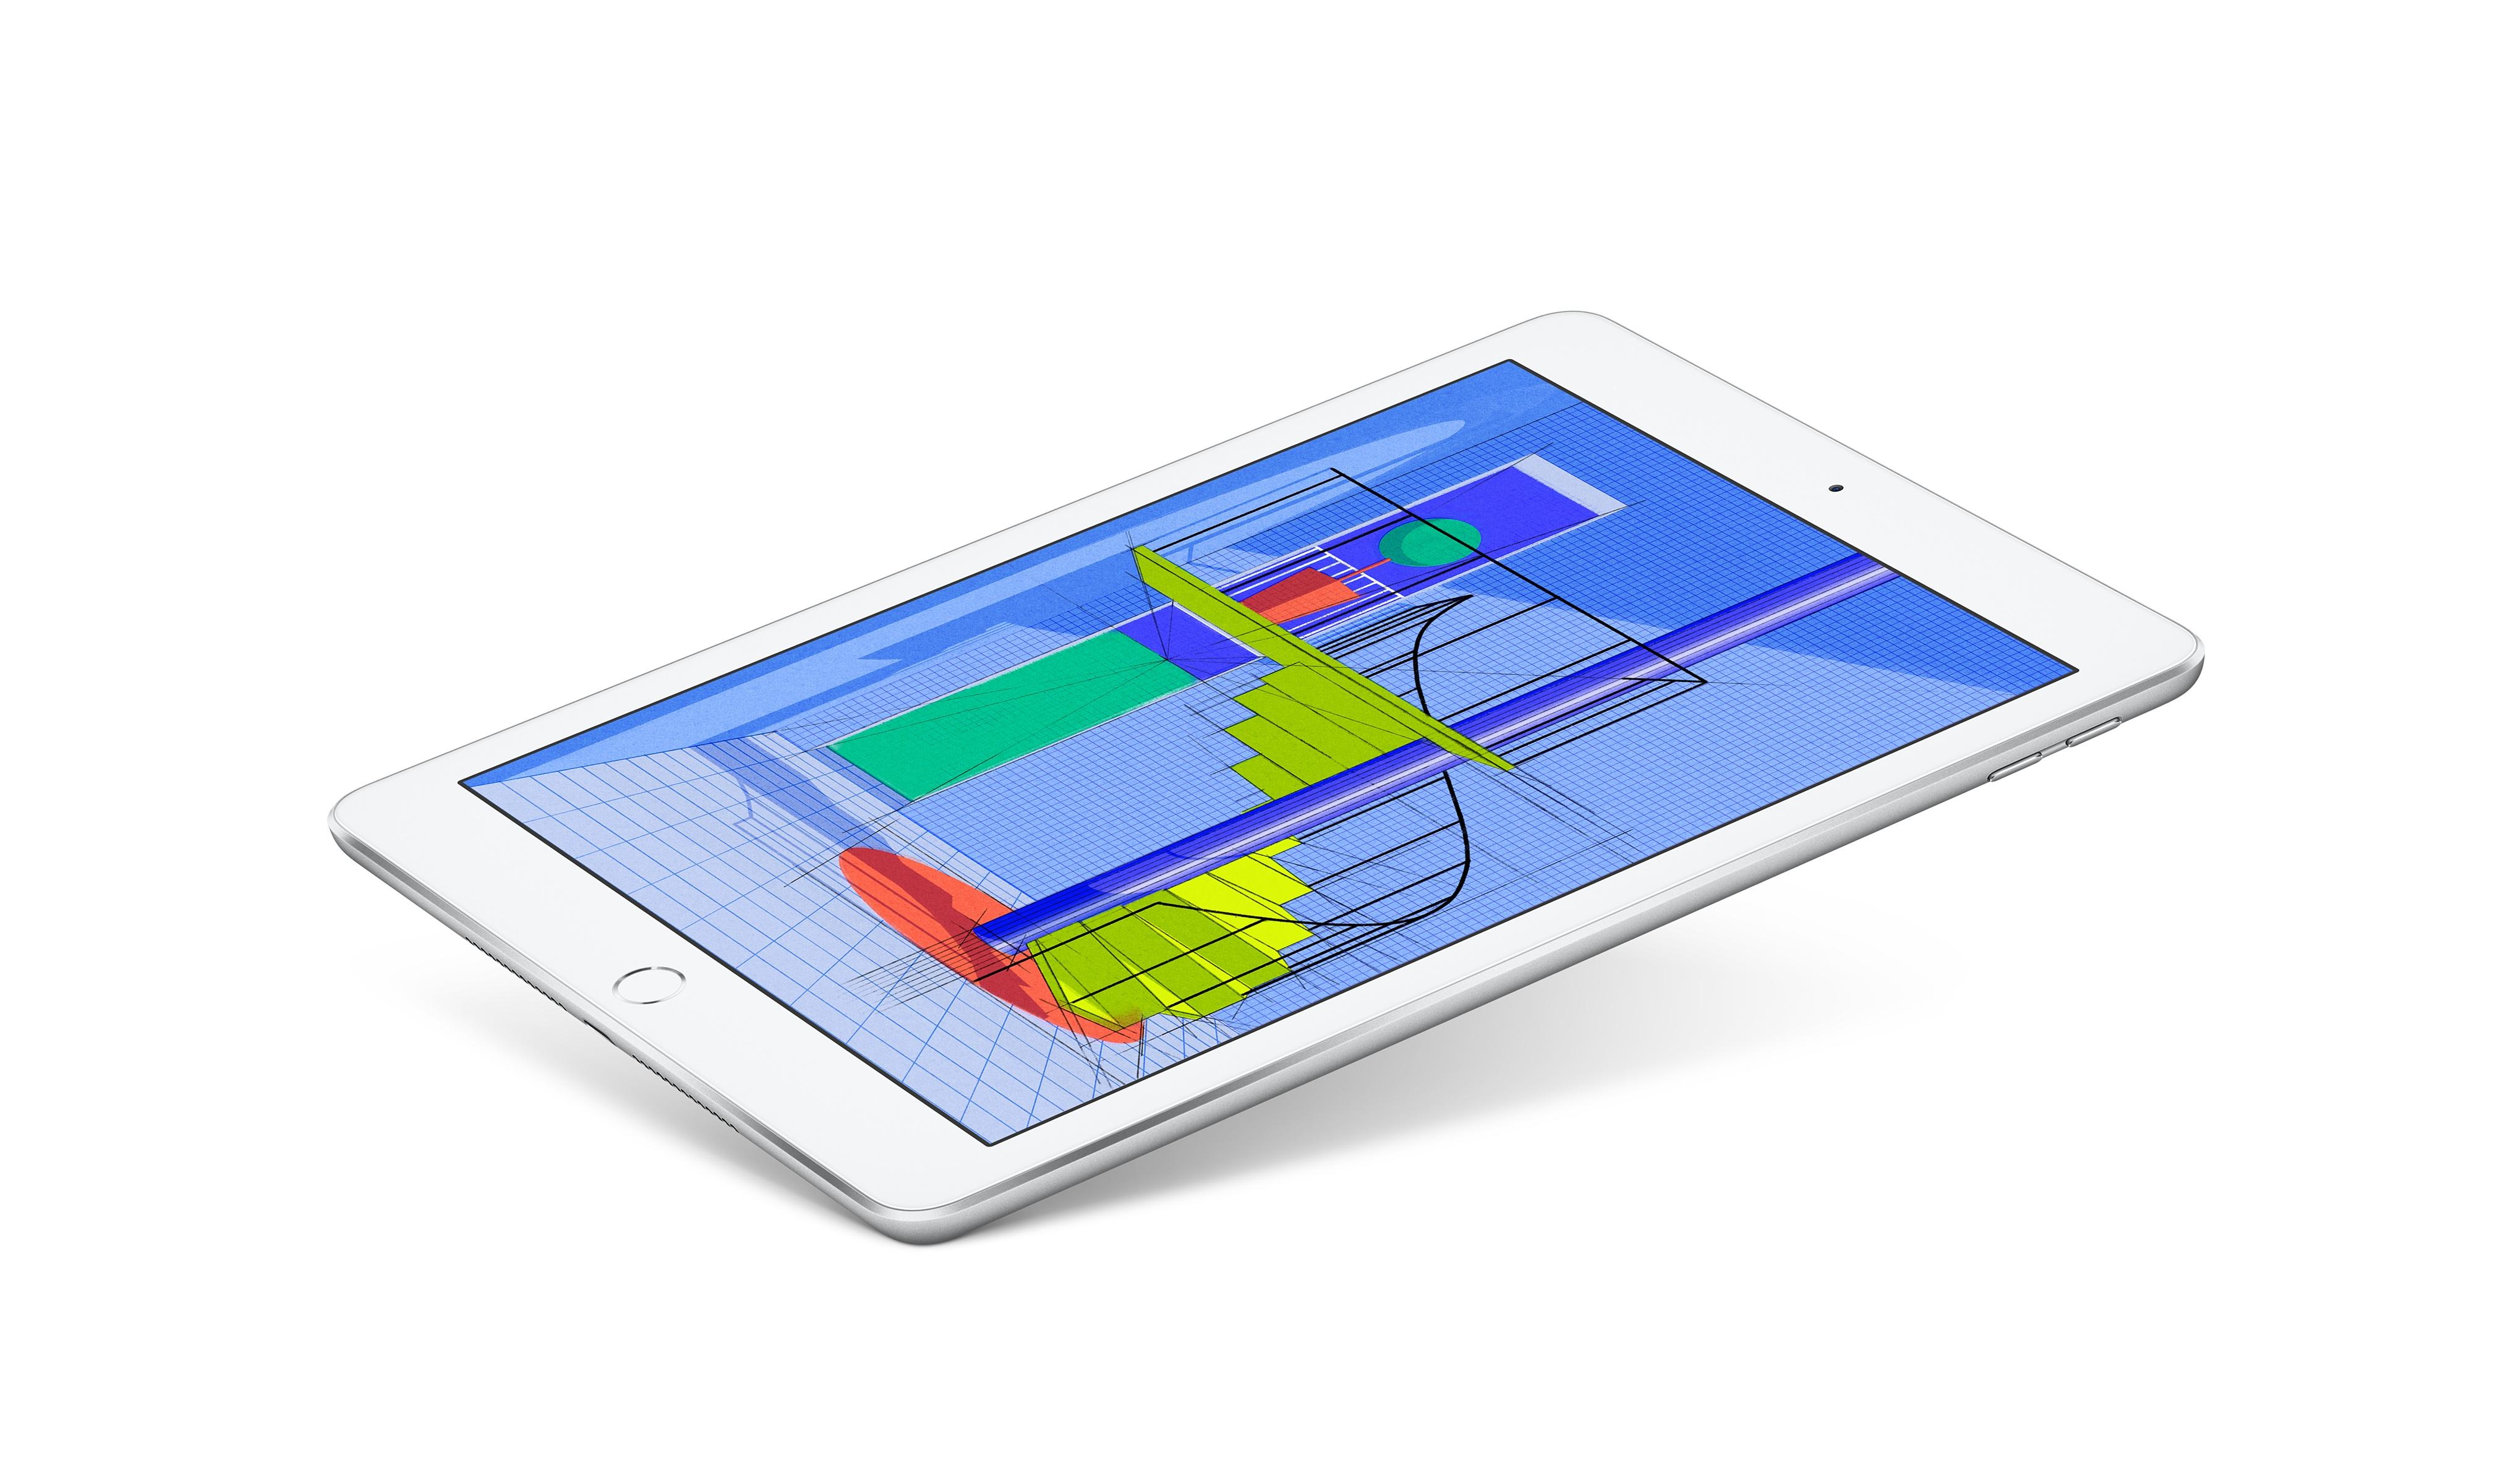 iPad(2019)モデルの登場でiPad (6世代)が整備品として128GB 34,800円と安価に